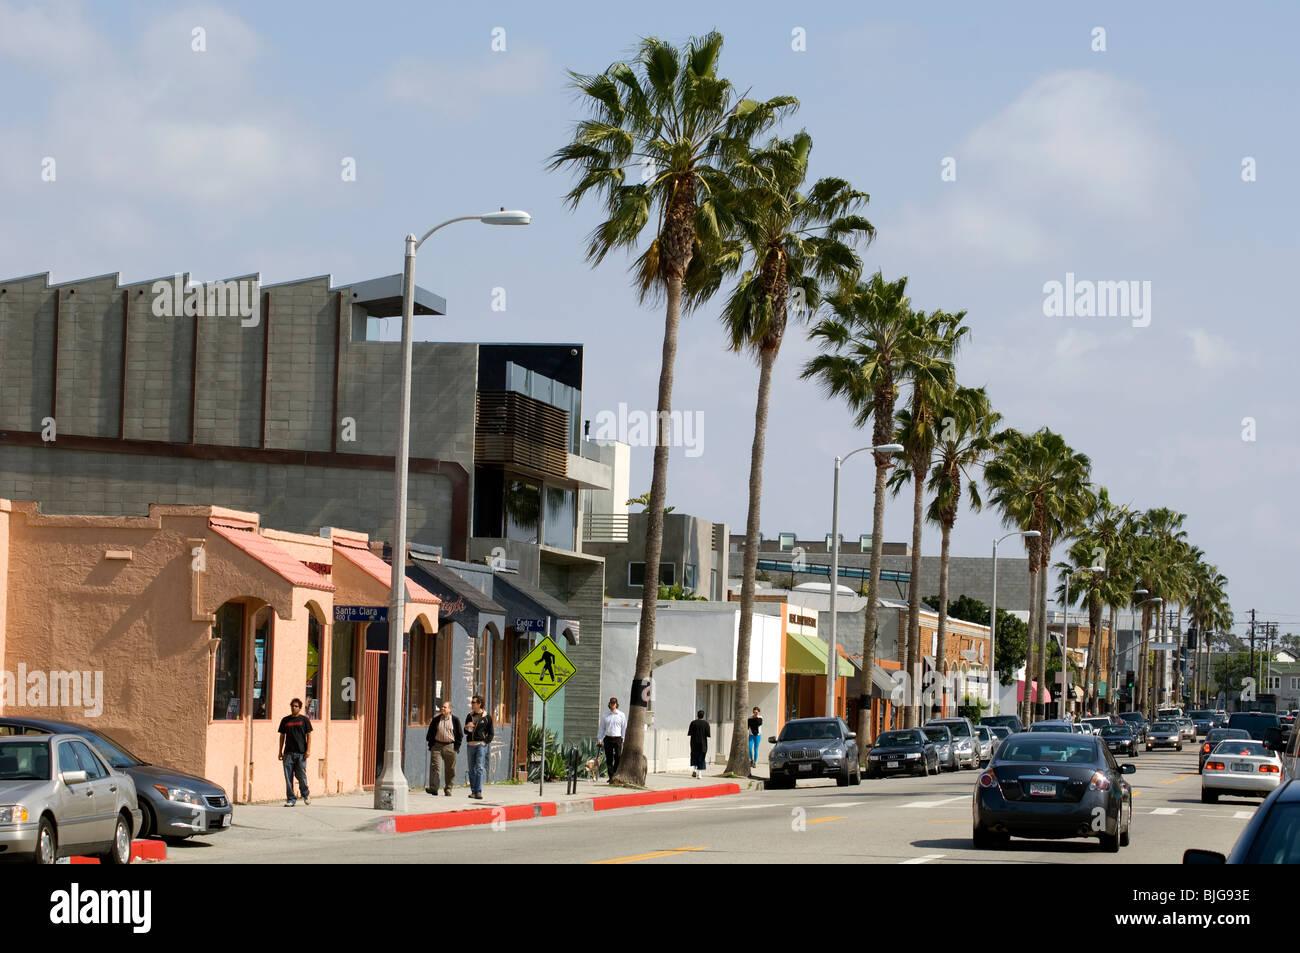 Abbot Kinney Blvd In Venice California